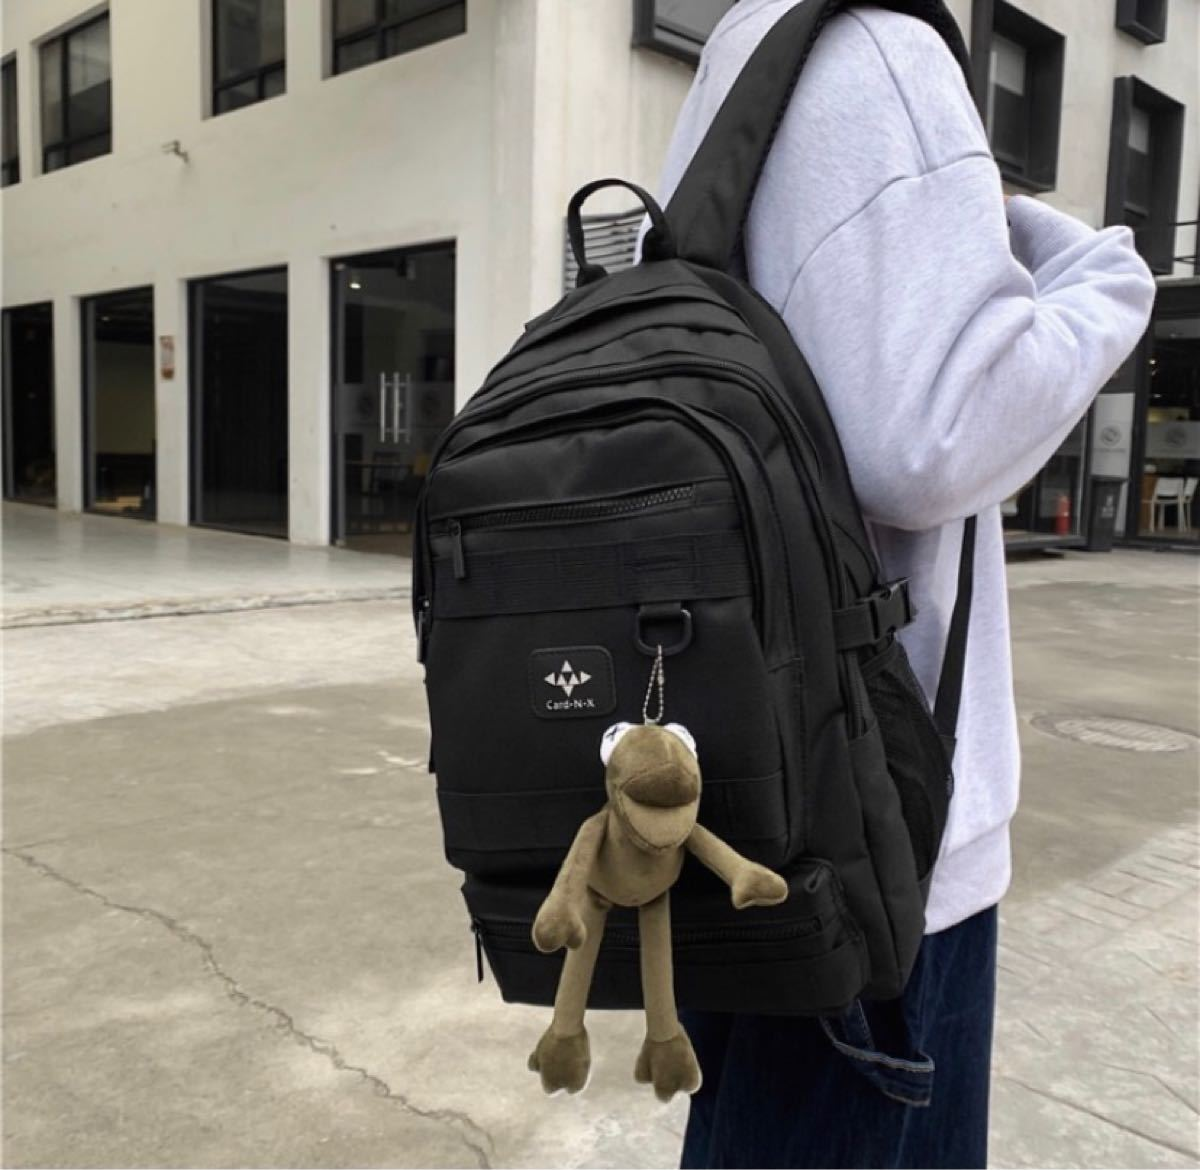 バックパック 大容量 ビジネスリュック 通勤 通学 レディース ユニセックス メンズ